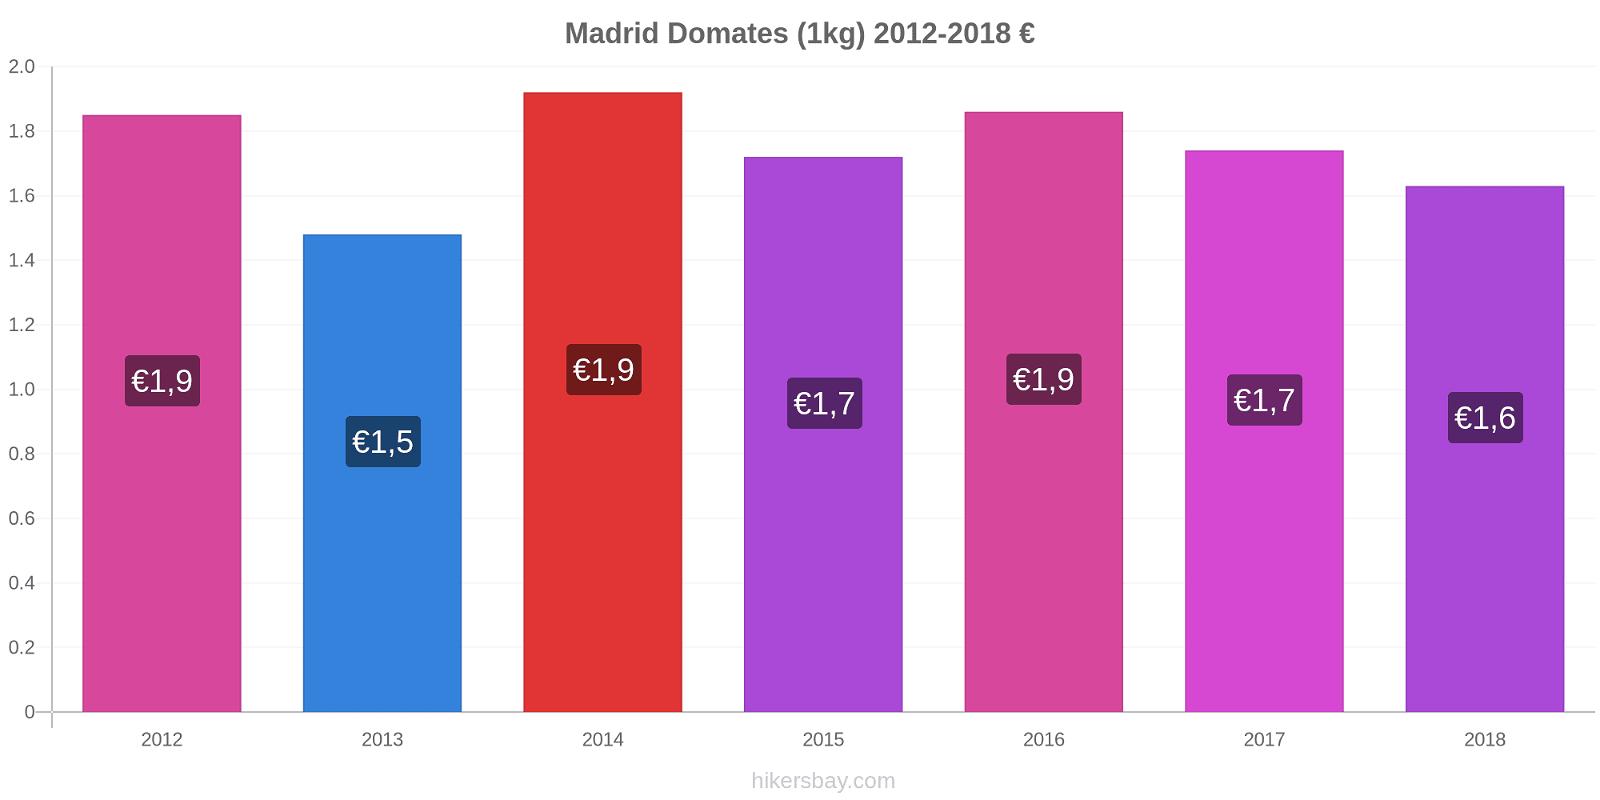 Madrid fiyat değişiklikleri Domates (1kg) hikersbay.com